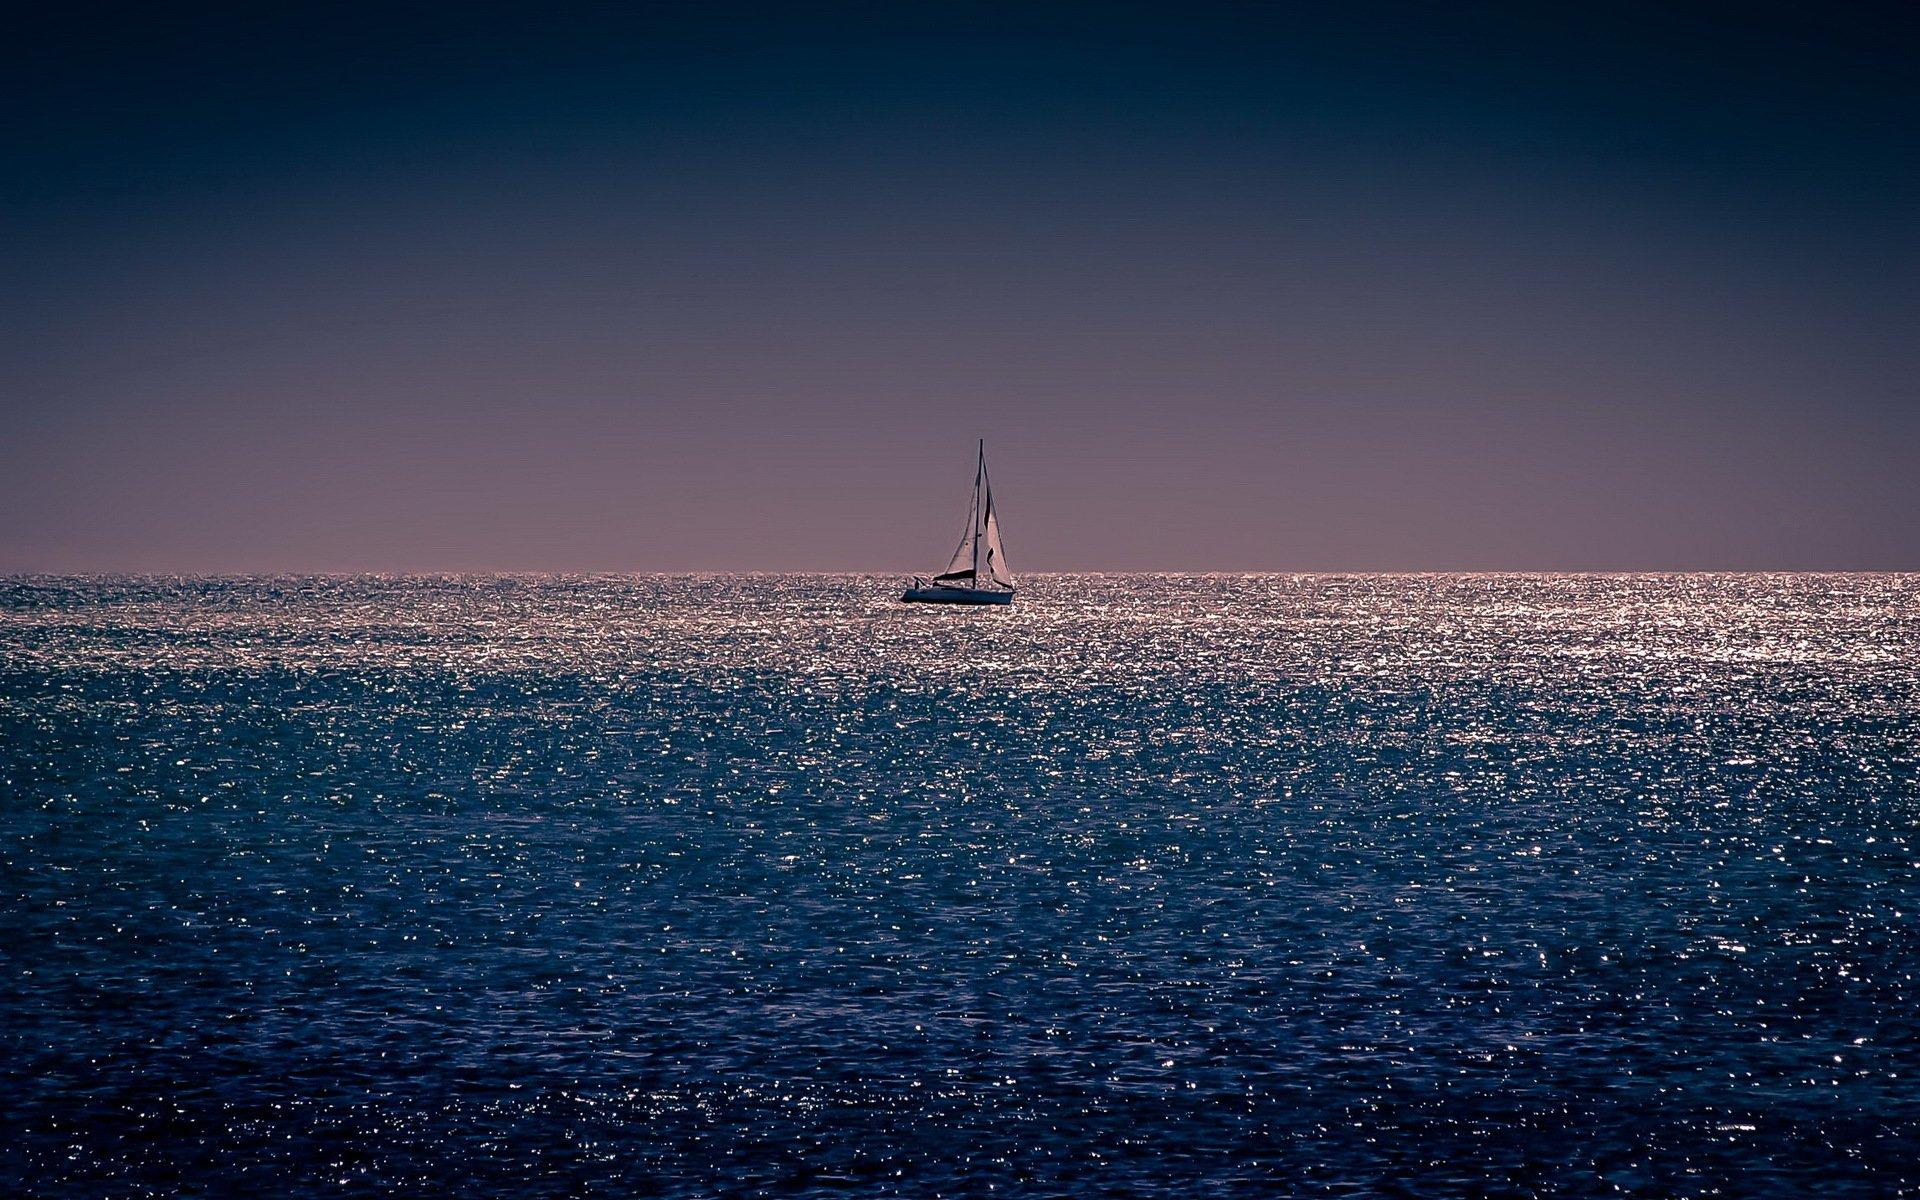 Обои рисунок, Вода, лодки, ночь, свет. Разное foto 17